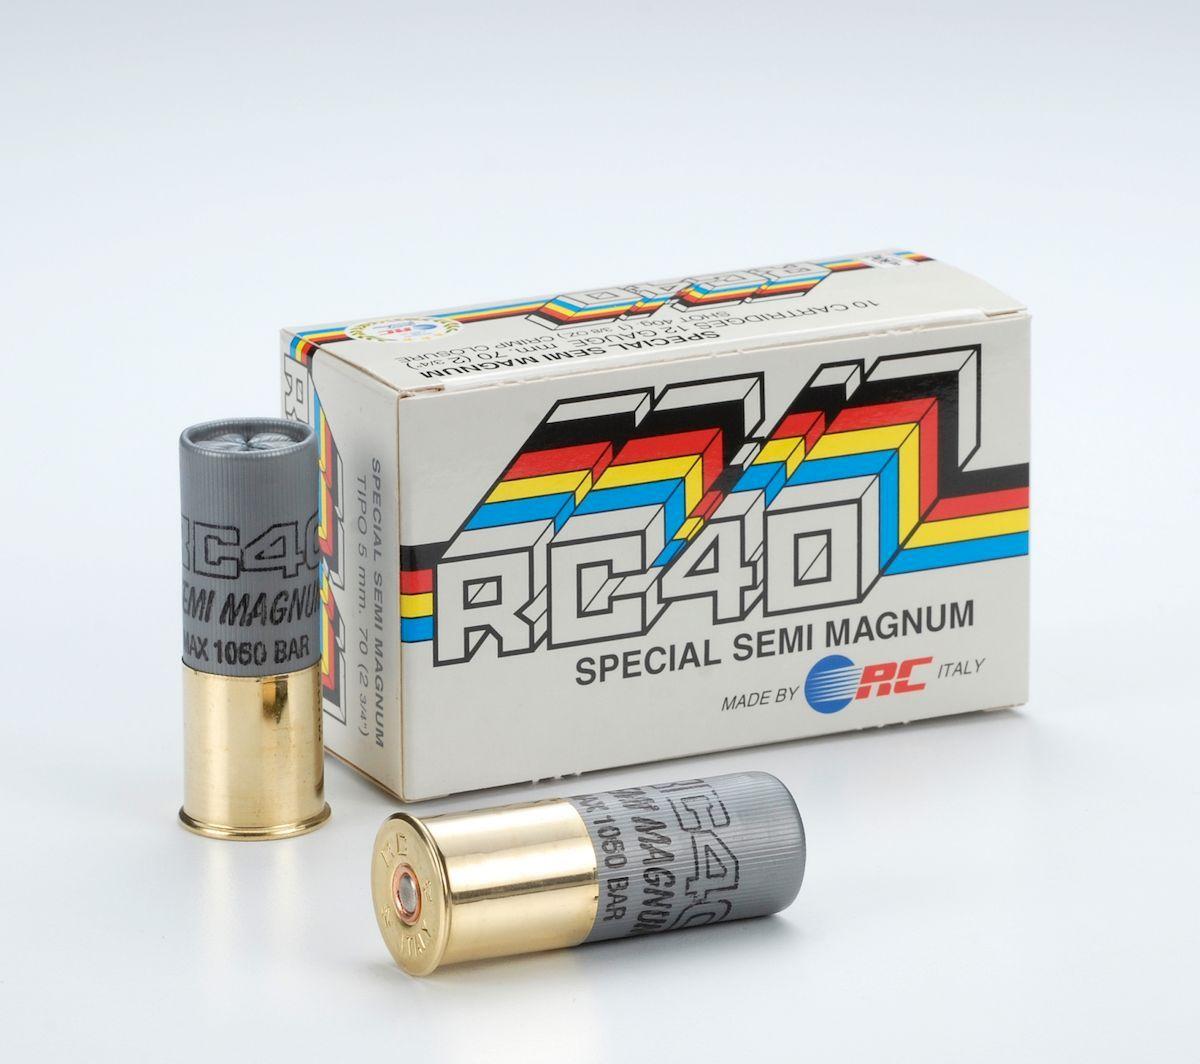 RC 40 Semi Magnum 12/70 40g 2,9mm nro:5